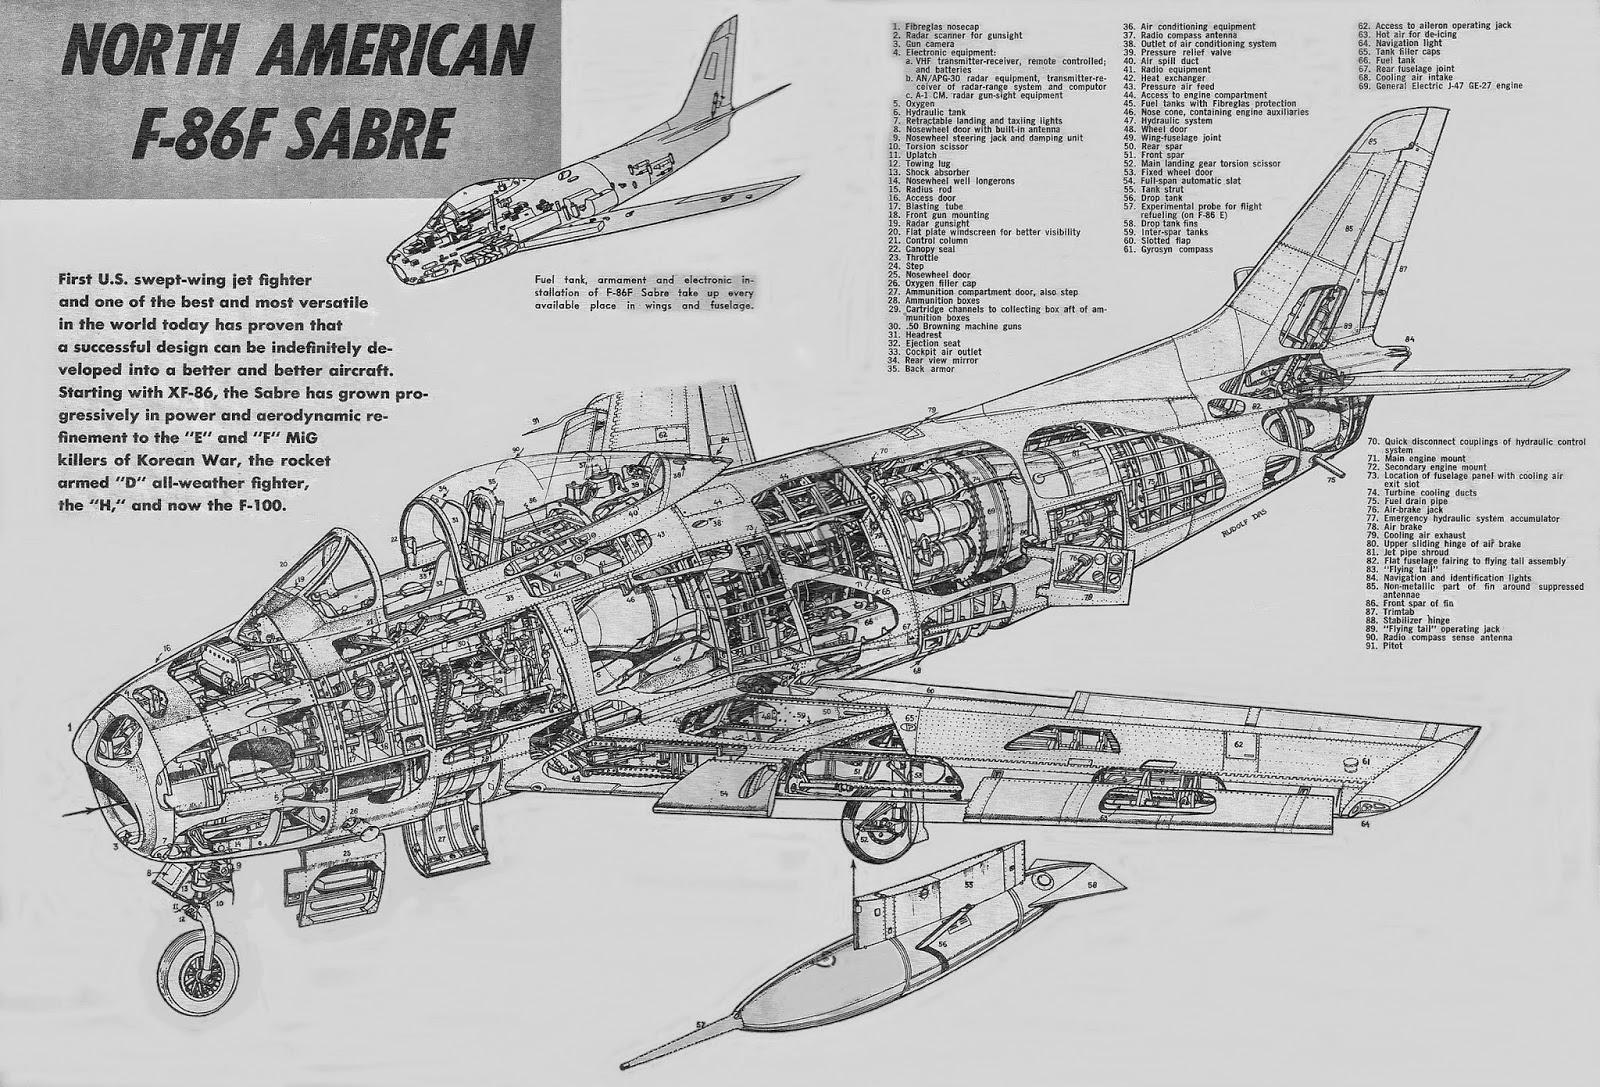 Aviones Caza Y De Ataque North American F 86 Sabre